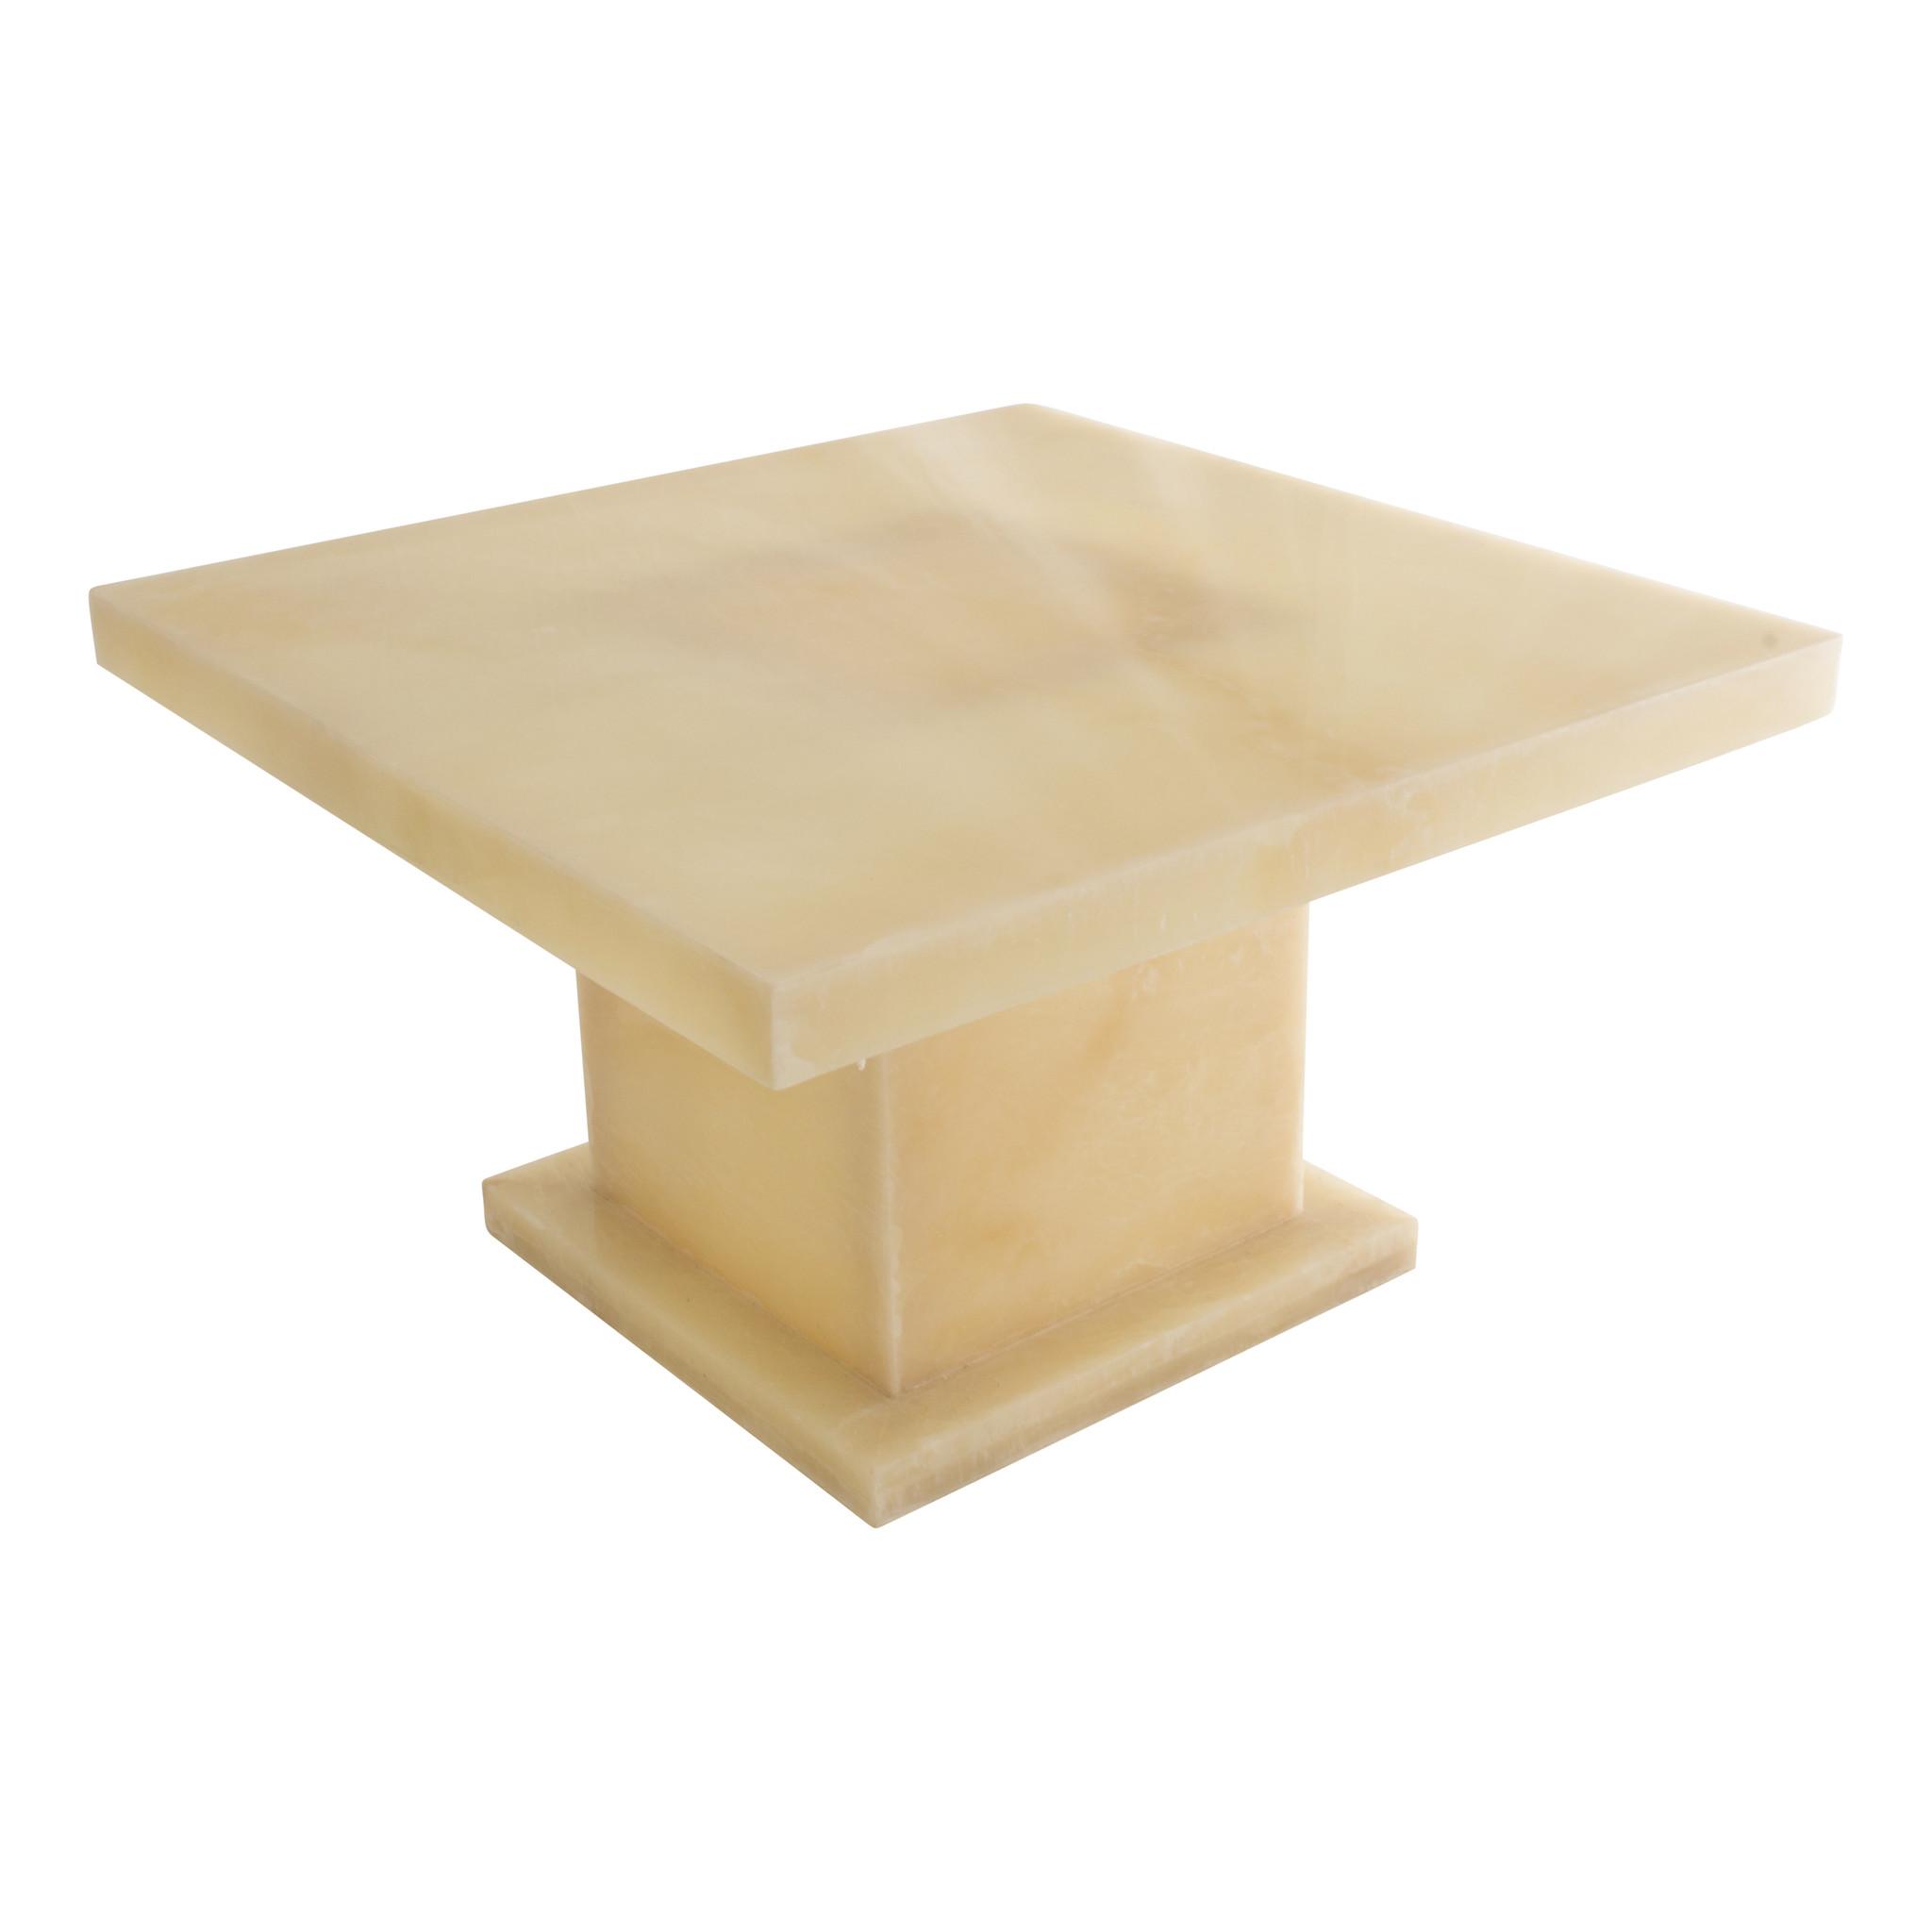 Indomarmer Onyx Couchtisch Quadrat 80x80x45 cm